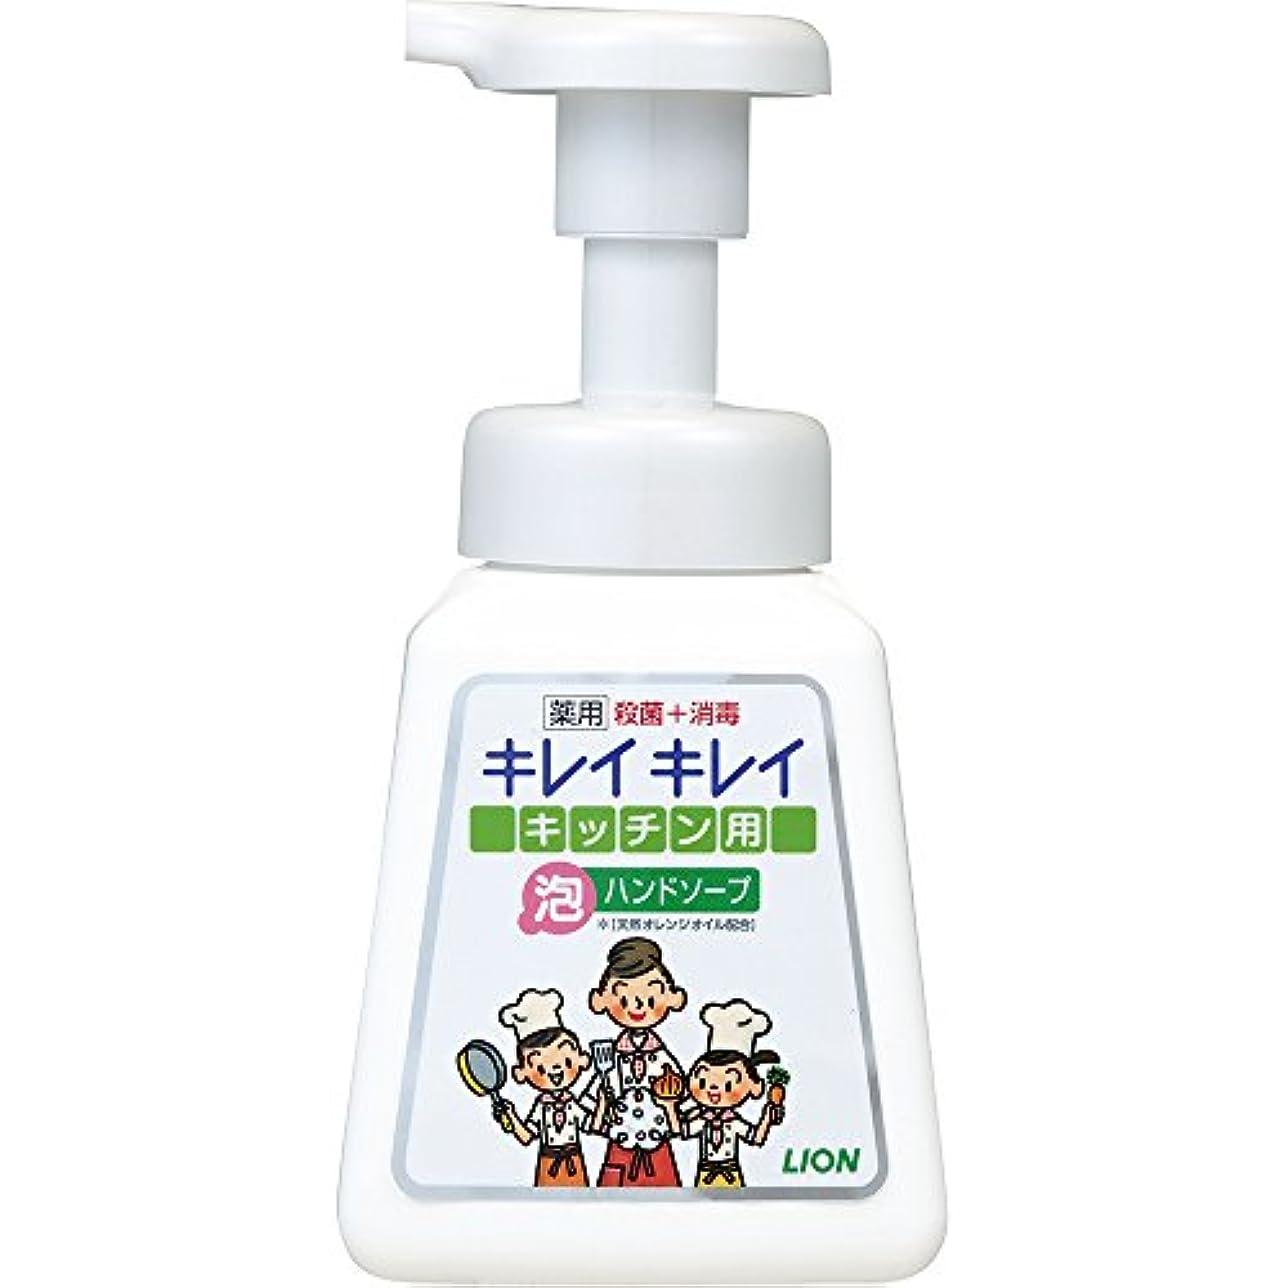 キレイキレイ 薬用 キッチン泡ハンドソープ 本体ポンプ 230ml(医薬部外品)